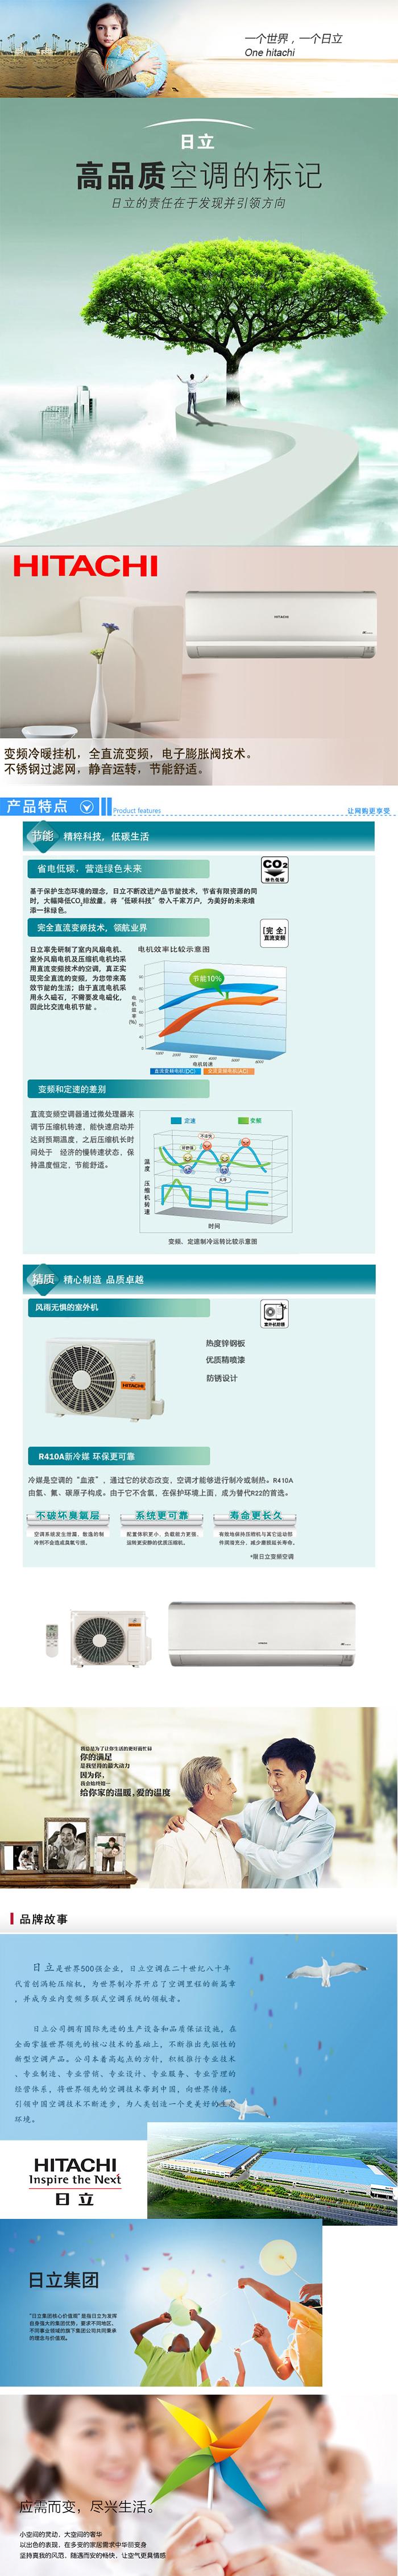 5匹变频挂式空调 kfr-35gw/bpmj (原价购买)(建议使用面积18平米以下)